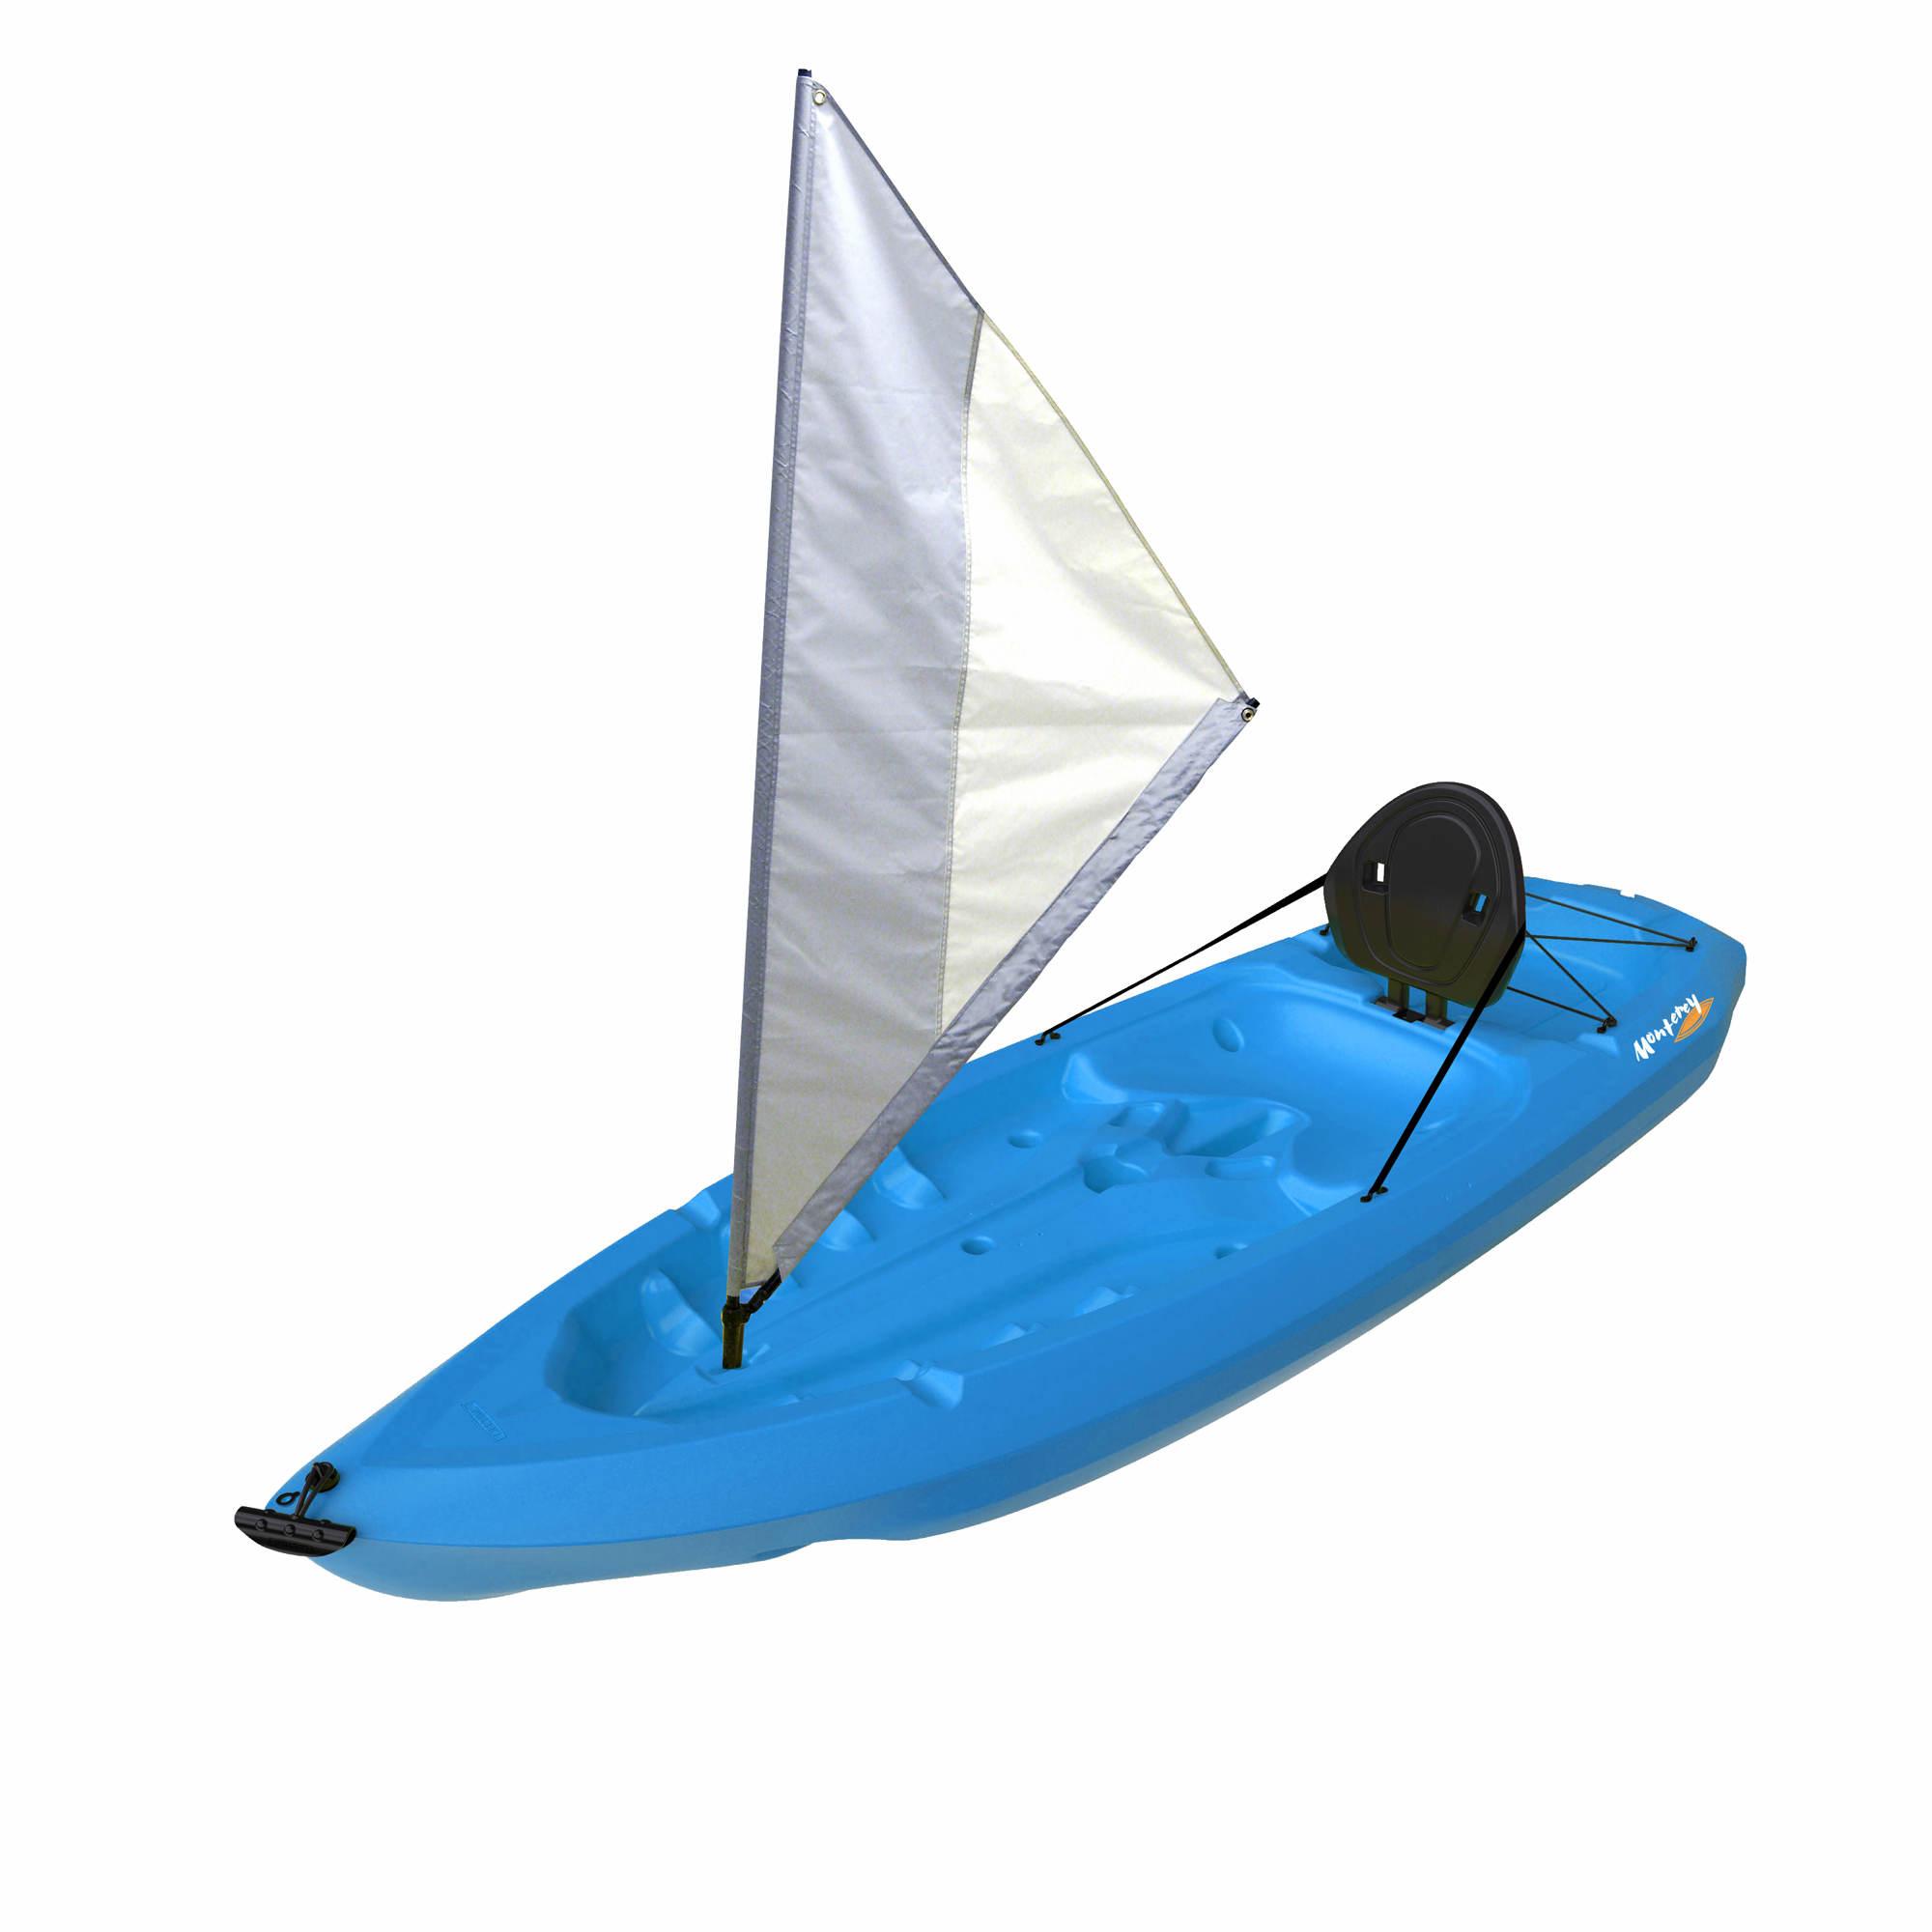 Lifetime Sail Kit for 8' Adult Kayak